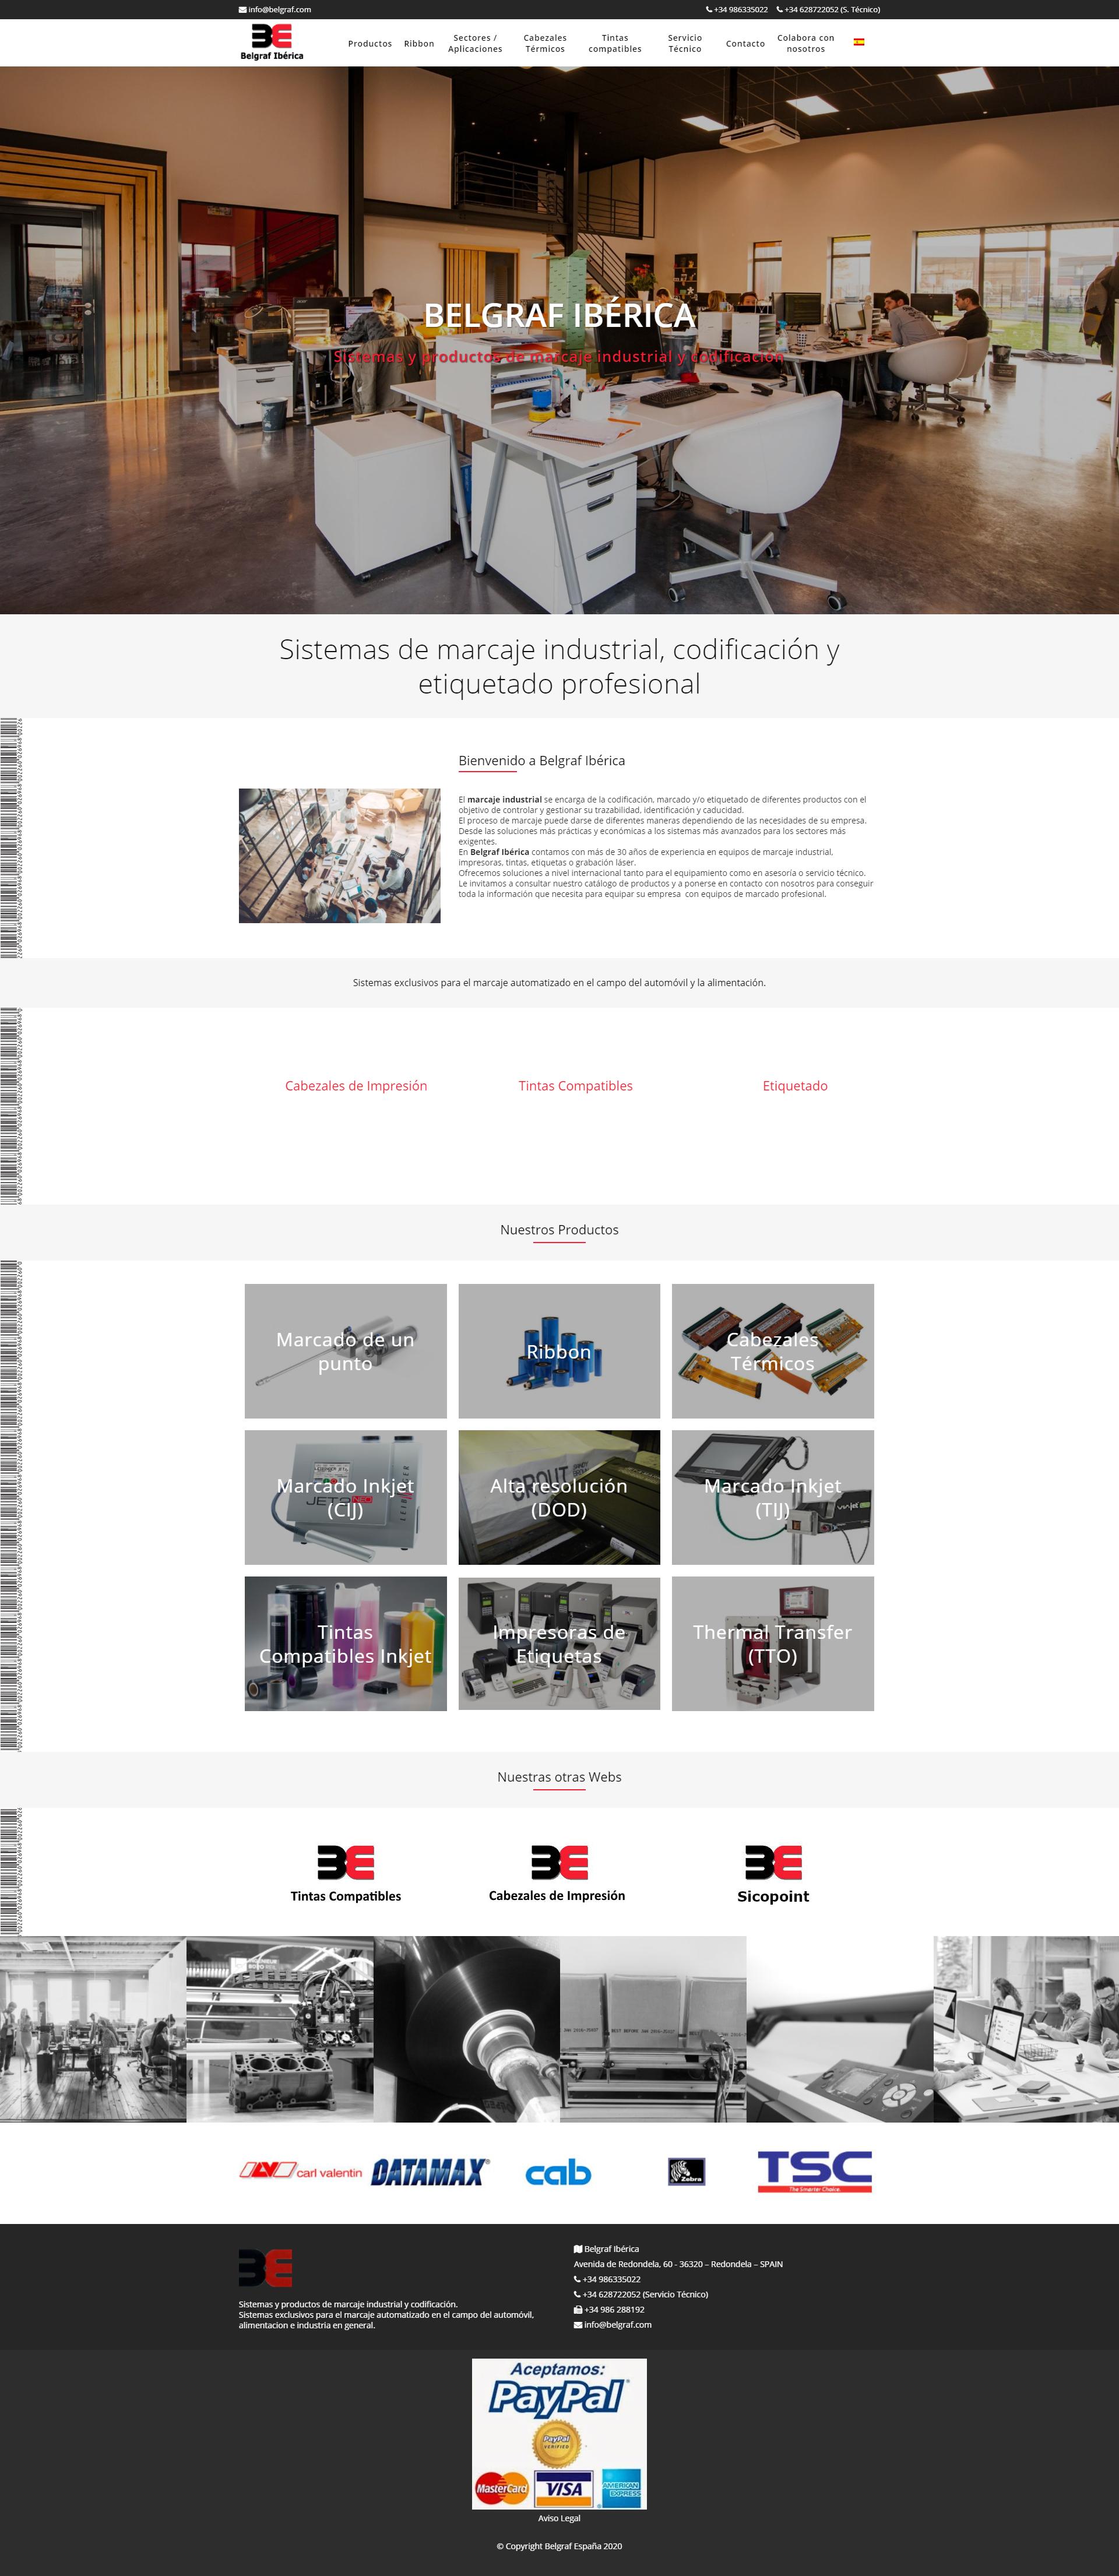 diseño web para tienda online internacional